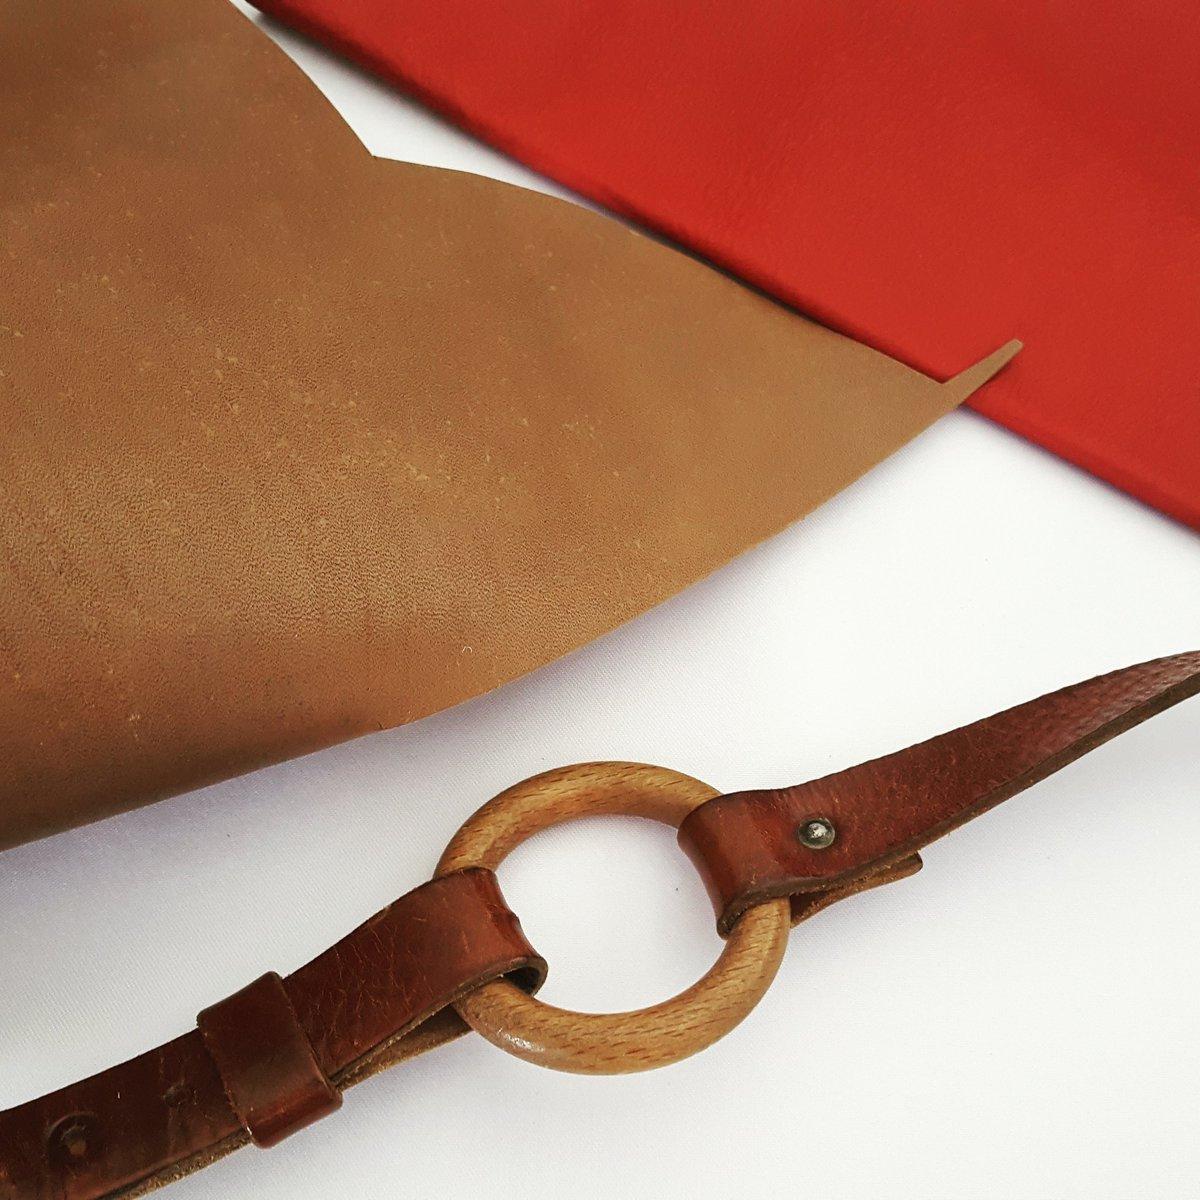 #lesrobesdeluz évolue et se forme très bientôt au travail du #cuir! #création #maroquinerie #sac #mode #faitmain<br>http://pic.twitter.com/FZ0CLCCW8F